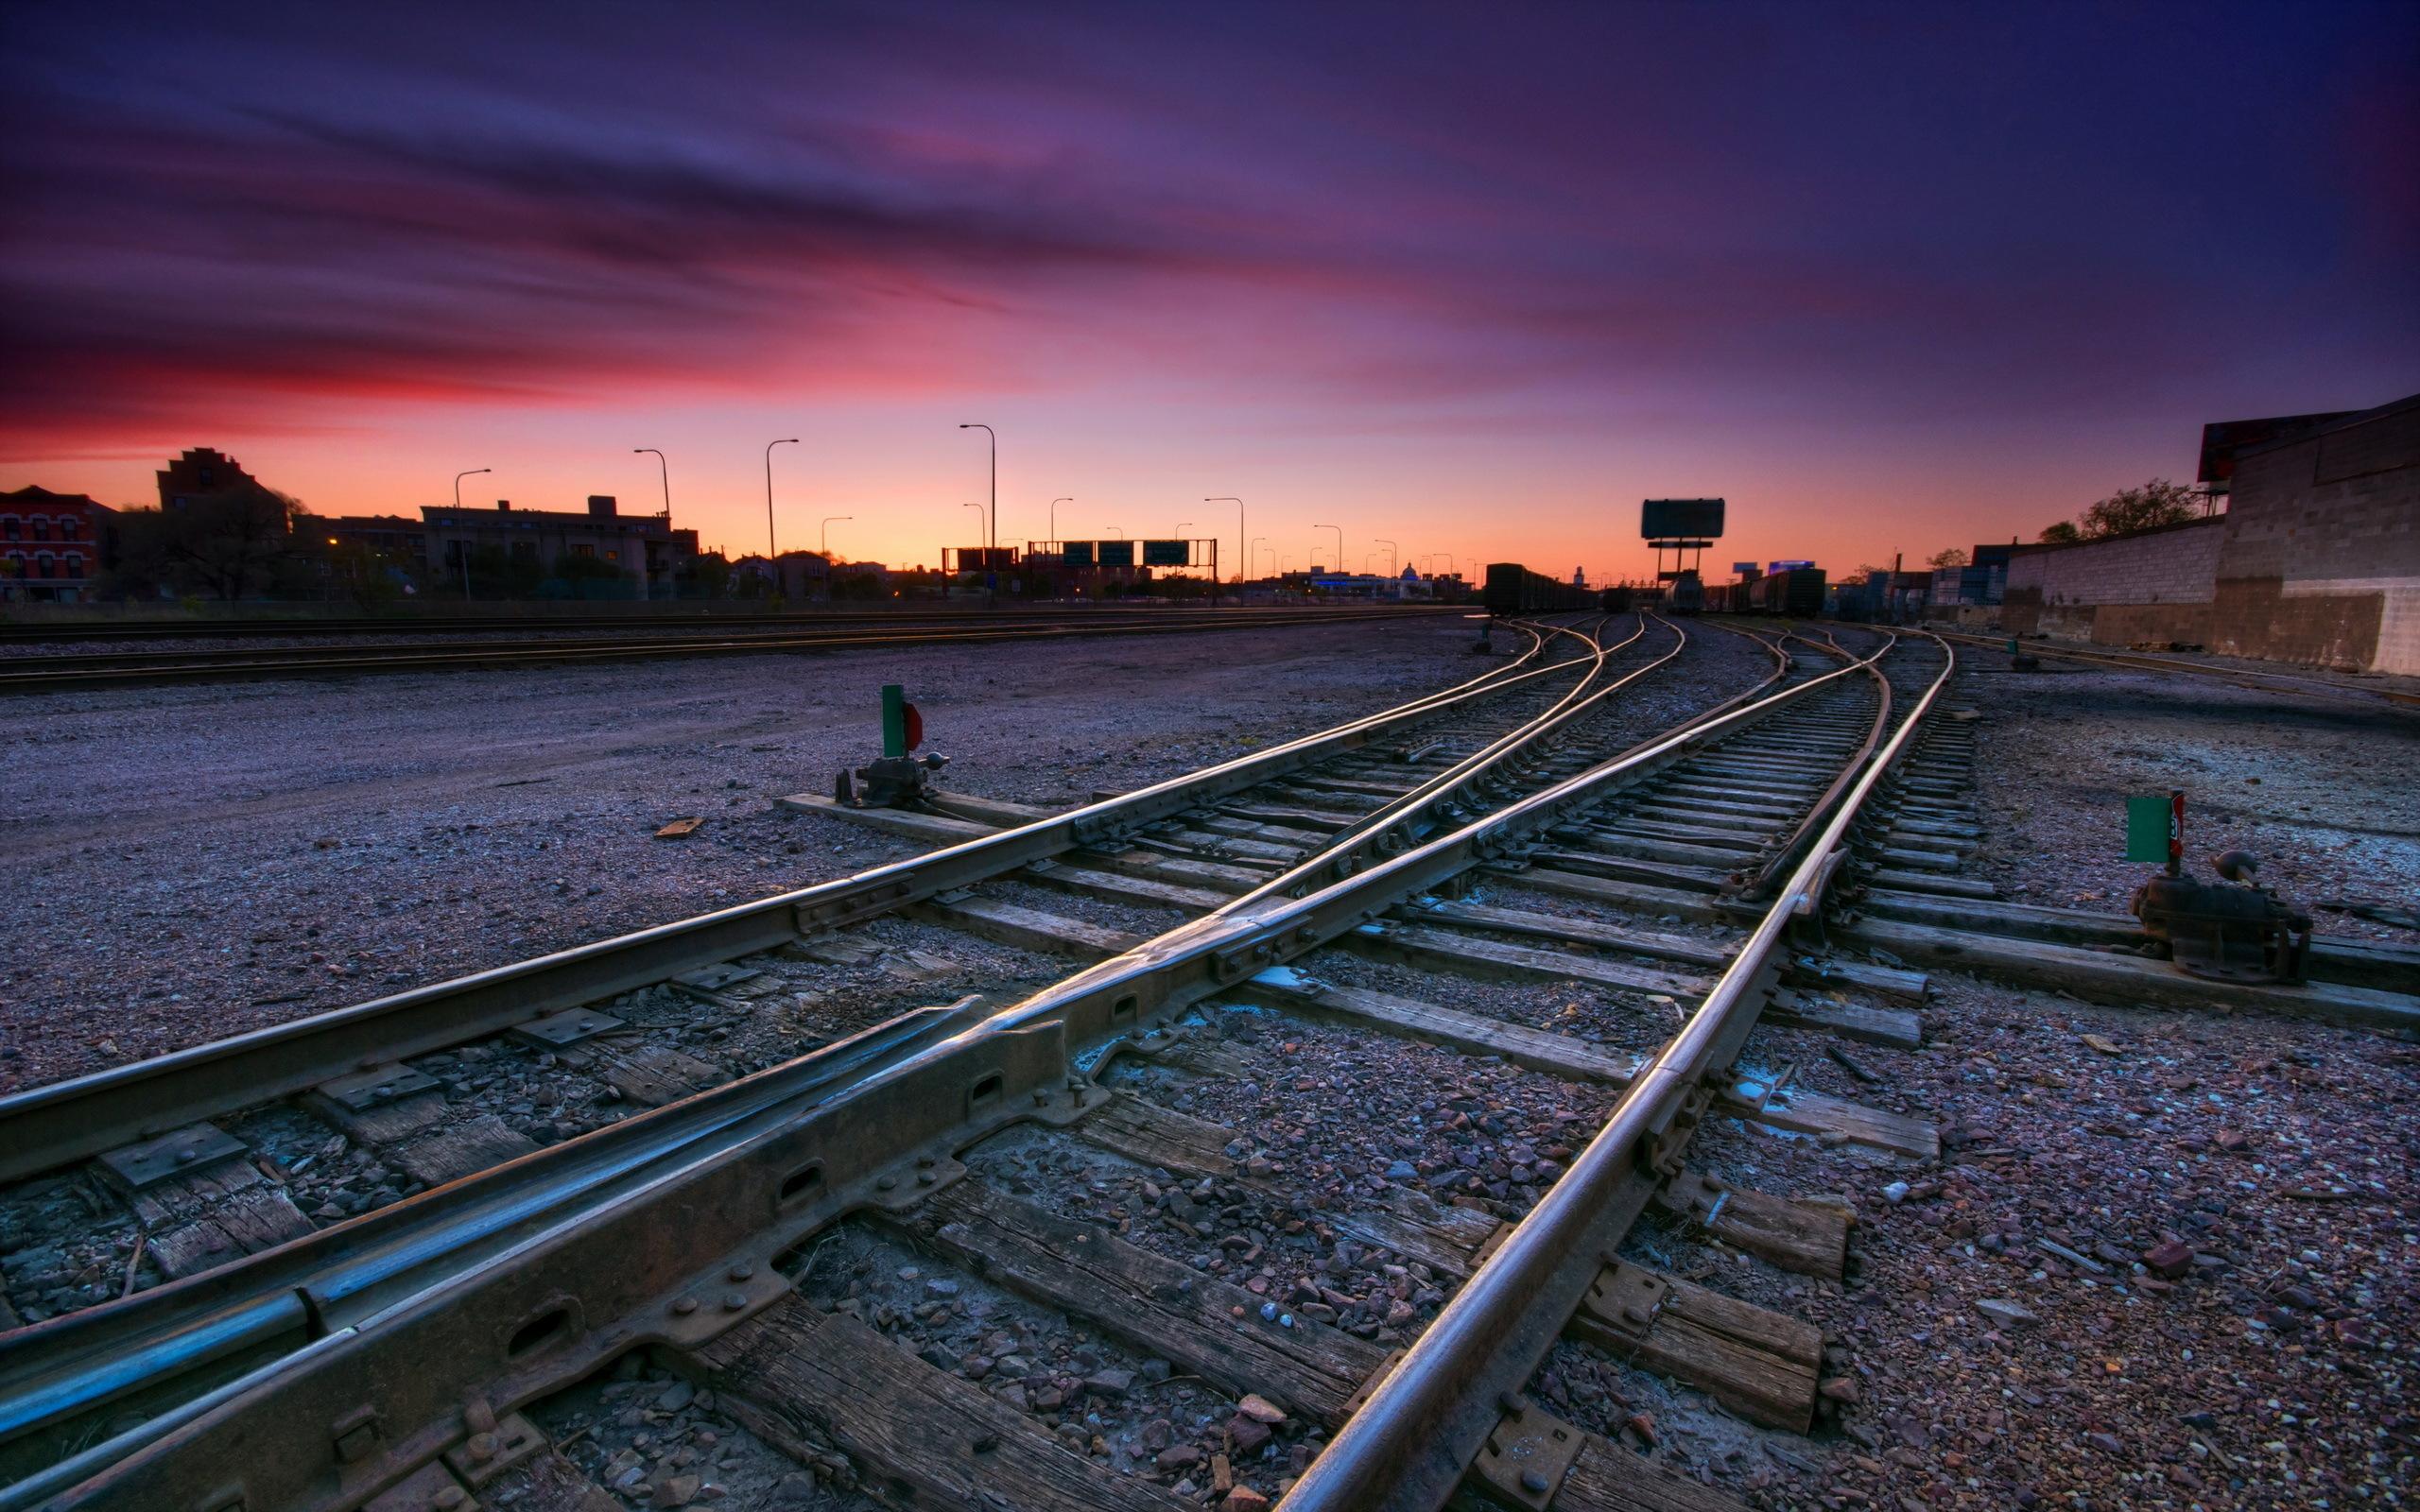 Обои для рабочего стола железнодорожный транспорт